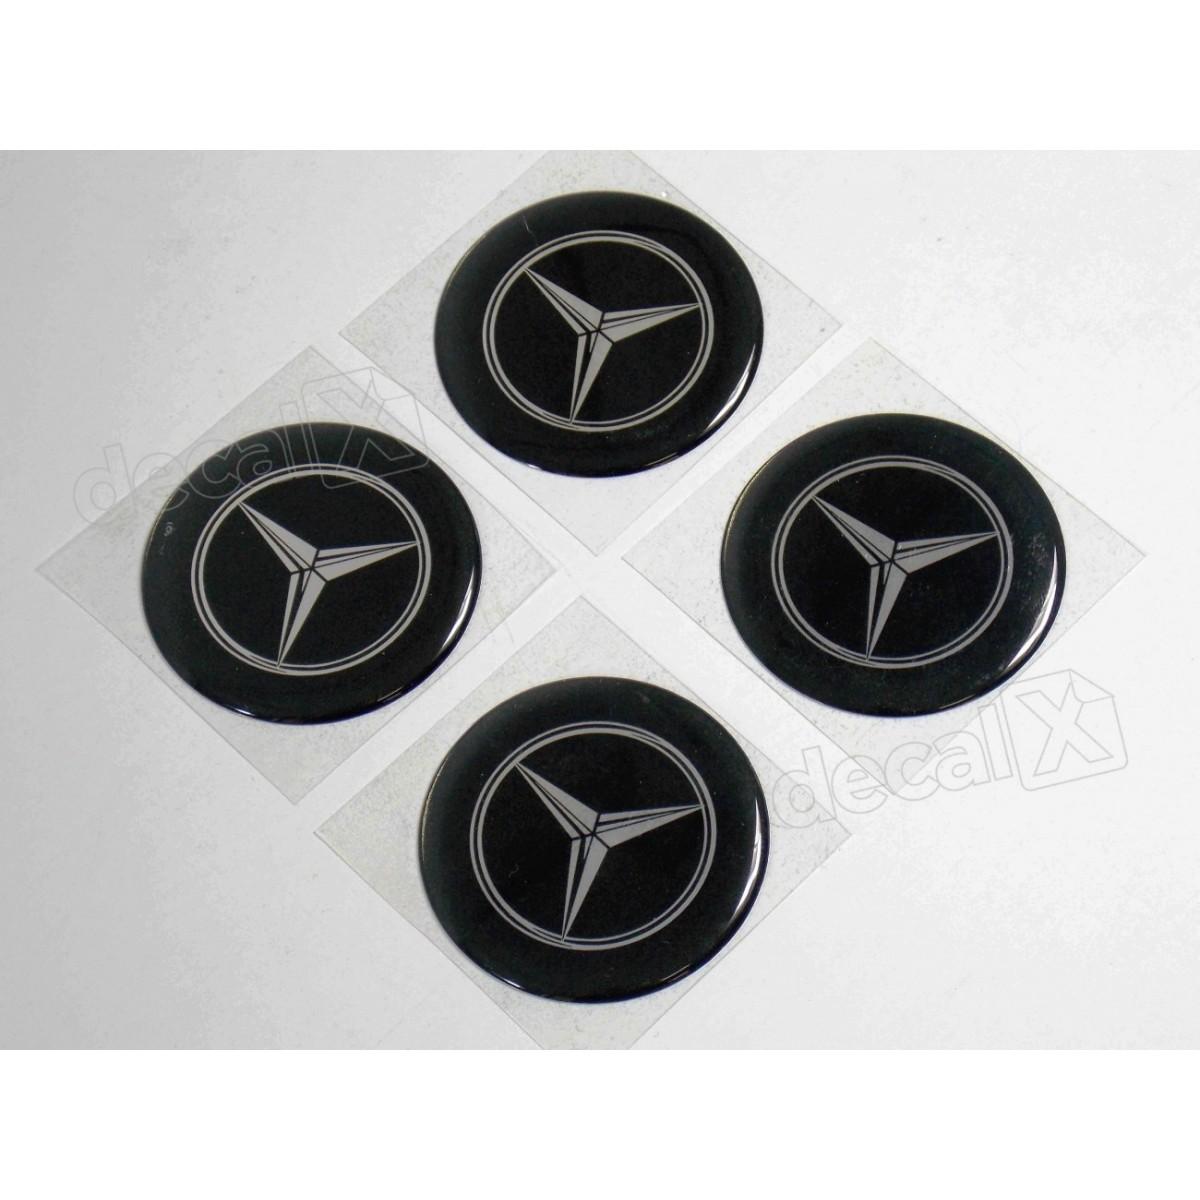 Adesivo Emblema Resinado Roda Mercedes 51mm Cl3 Decalx